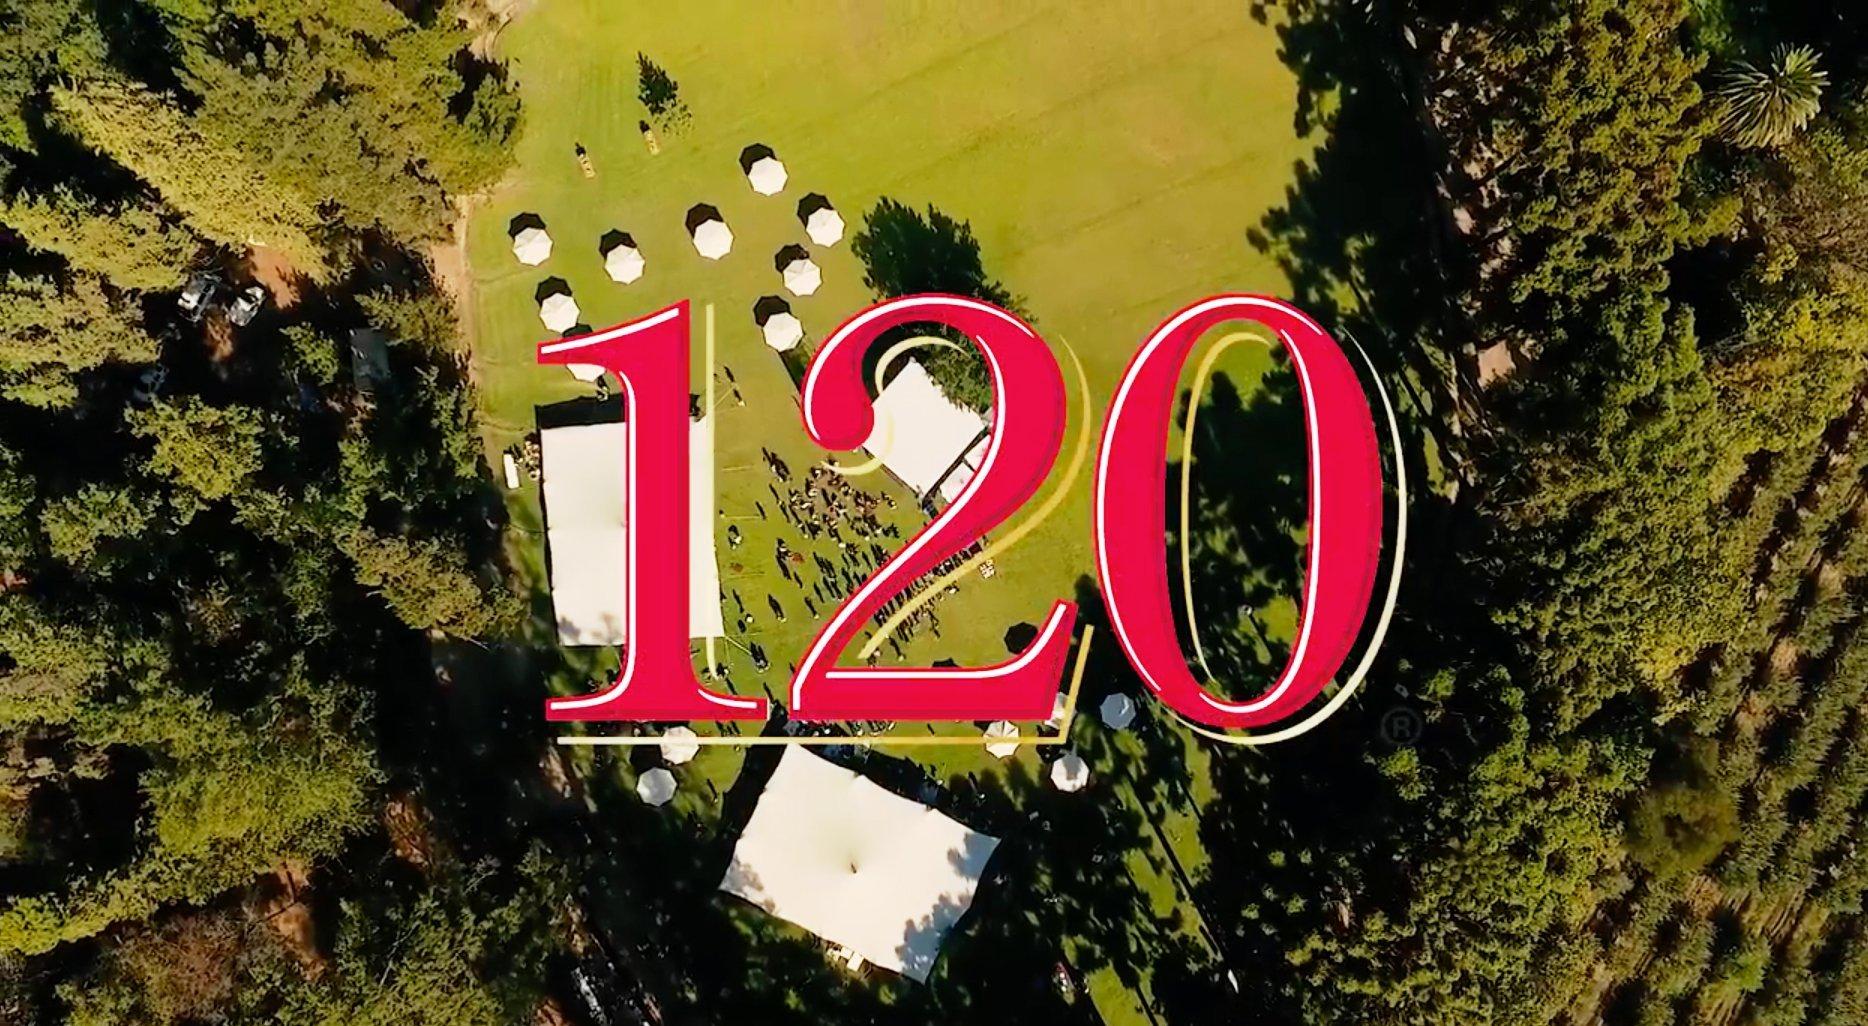 Vino 120 / Viña Santa Rita